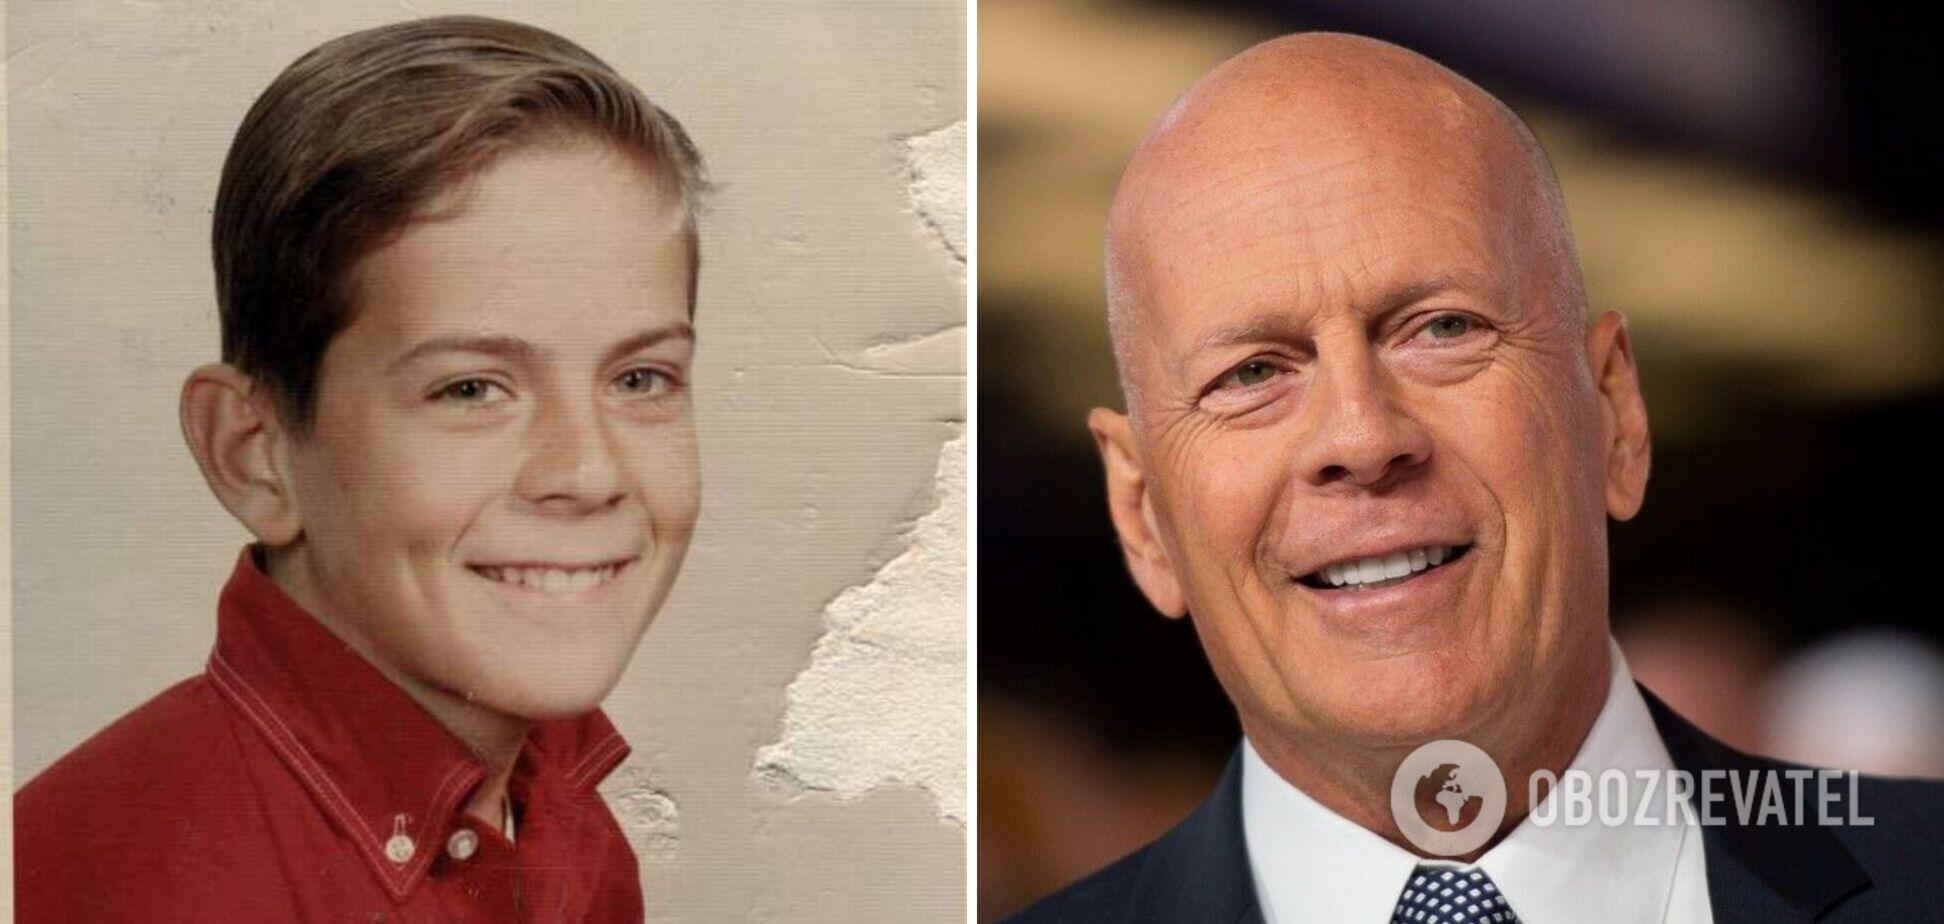 Як змінювався Брюс Вілліс: фото зірки протягом кар'єри